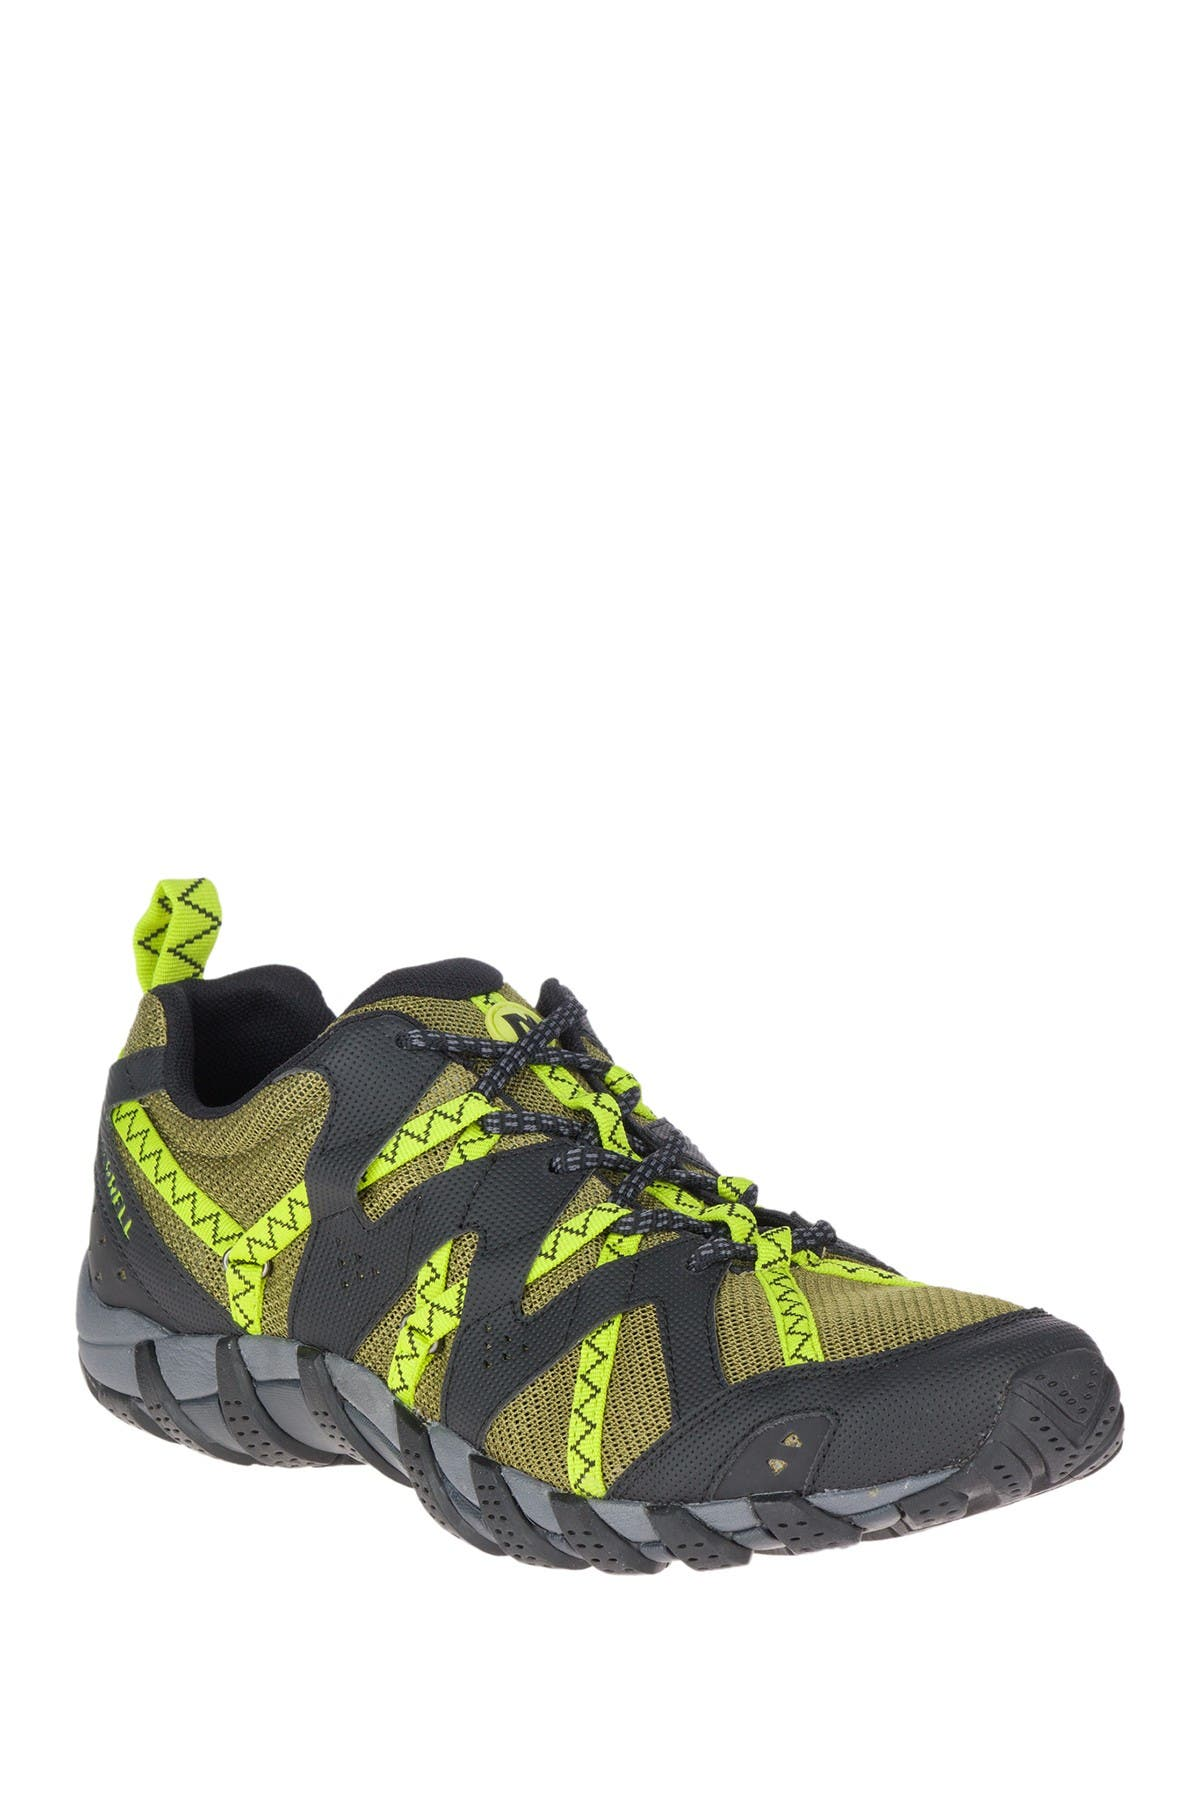 Image of Merrell Waterpro Maipo 2 Running Sneaker